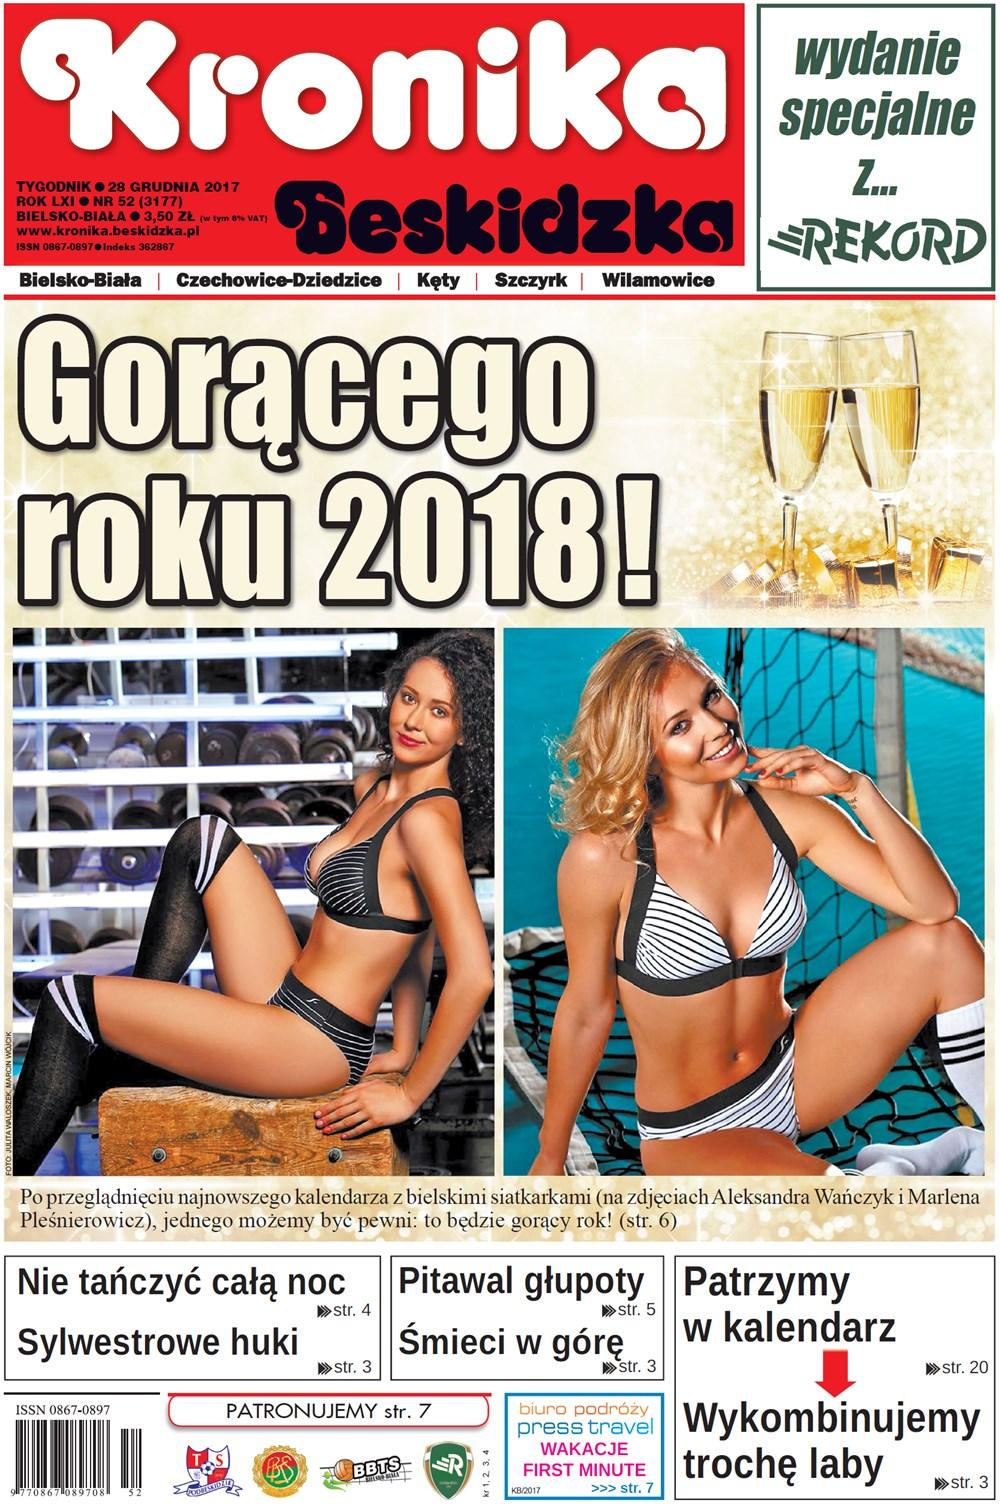 Kronika Beskidzka - tygodnik - prenumerata półroczna już od 4,50 zł